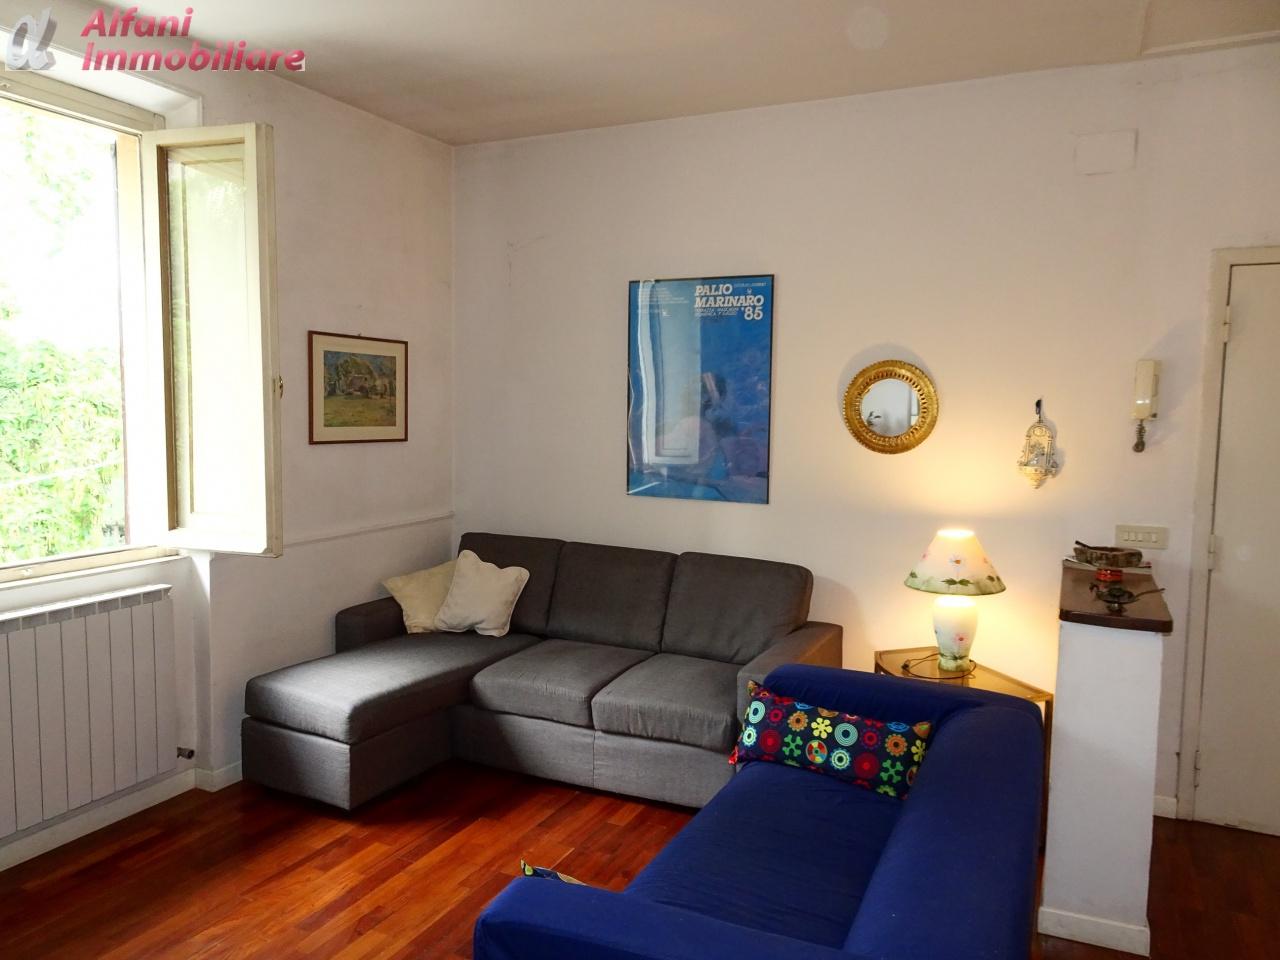 Appartamento in vendita a Poppi, 4 locali, prezzo € 100.000 | PortaleAgenzieImmobiliari.it